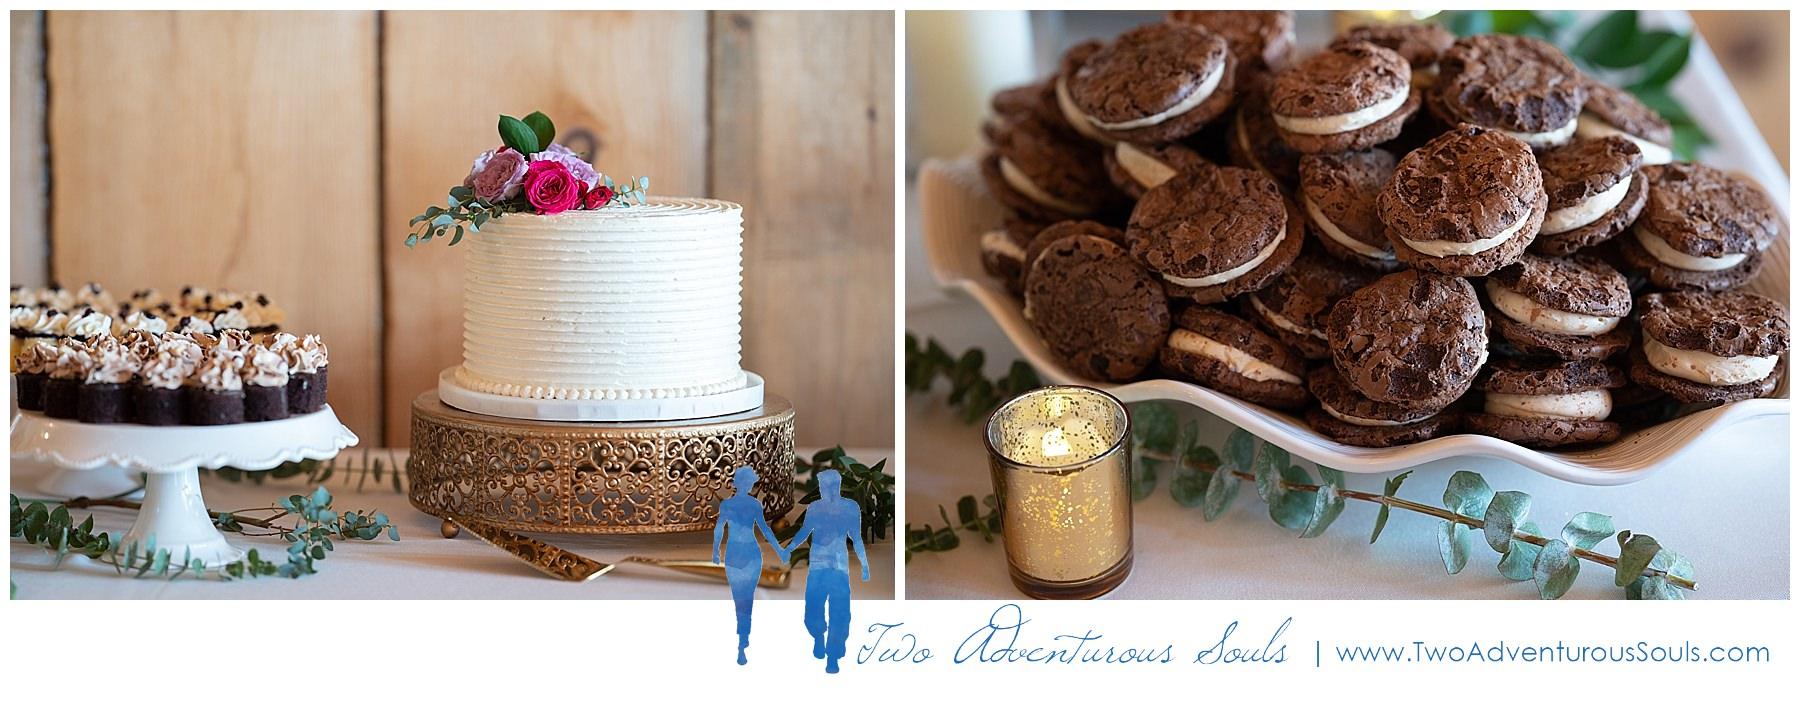 Maine Wedding Photographers, Granite Ridge Estate Wedding Photographers, Two Adventurous Souls - 080319_0055.jpg